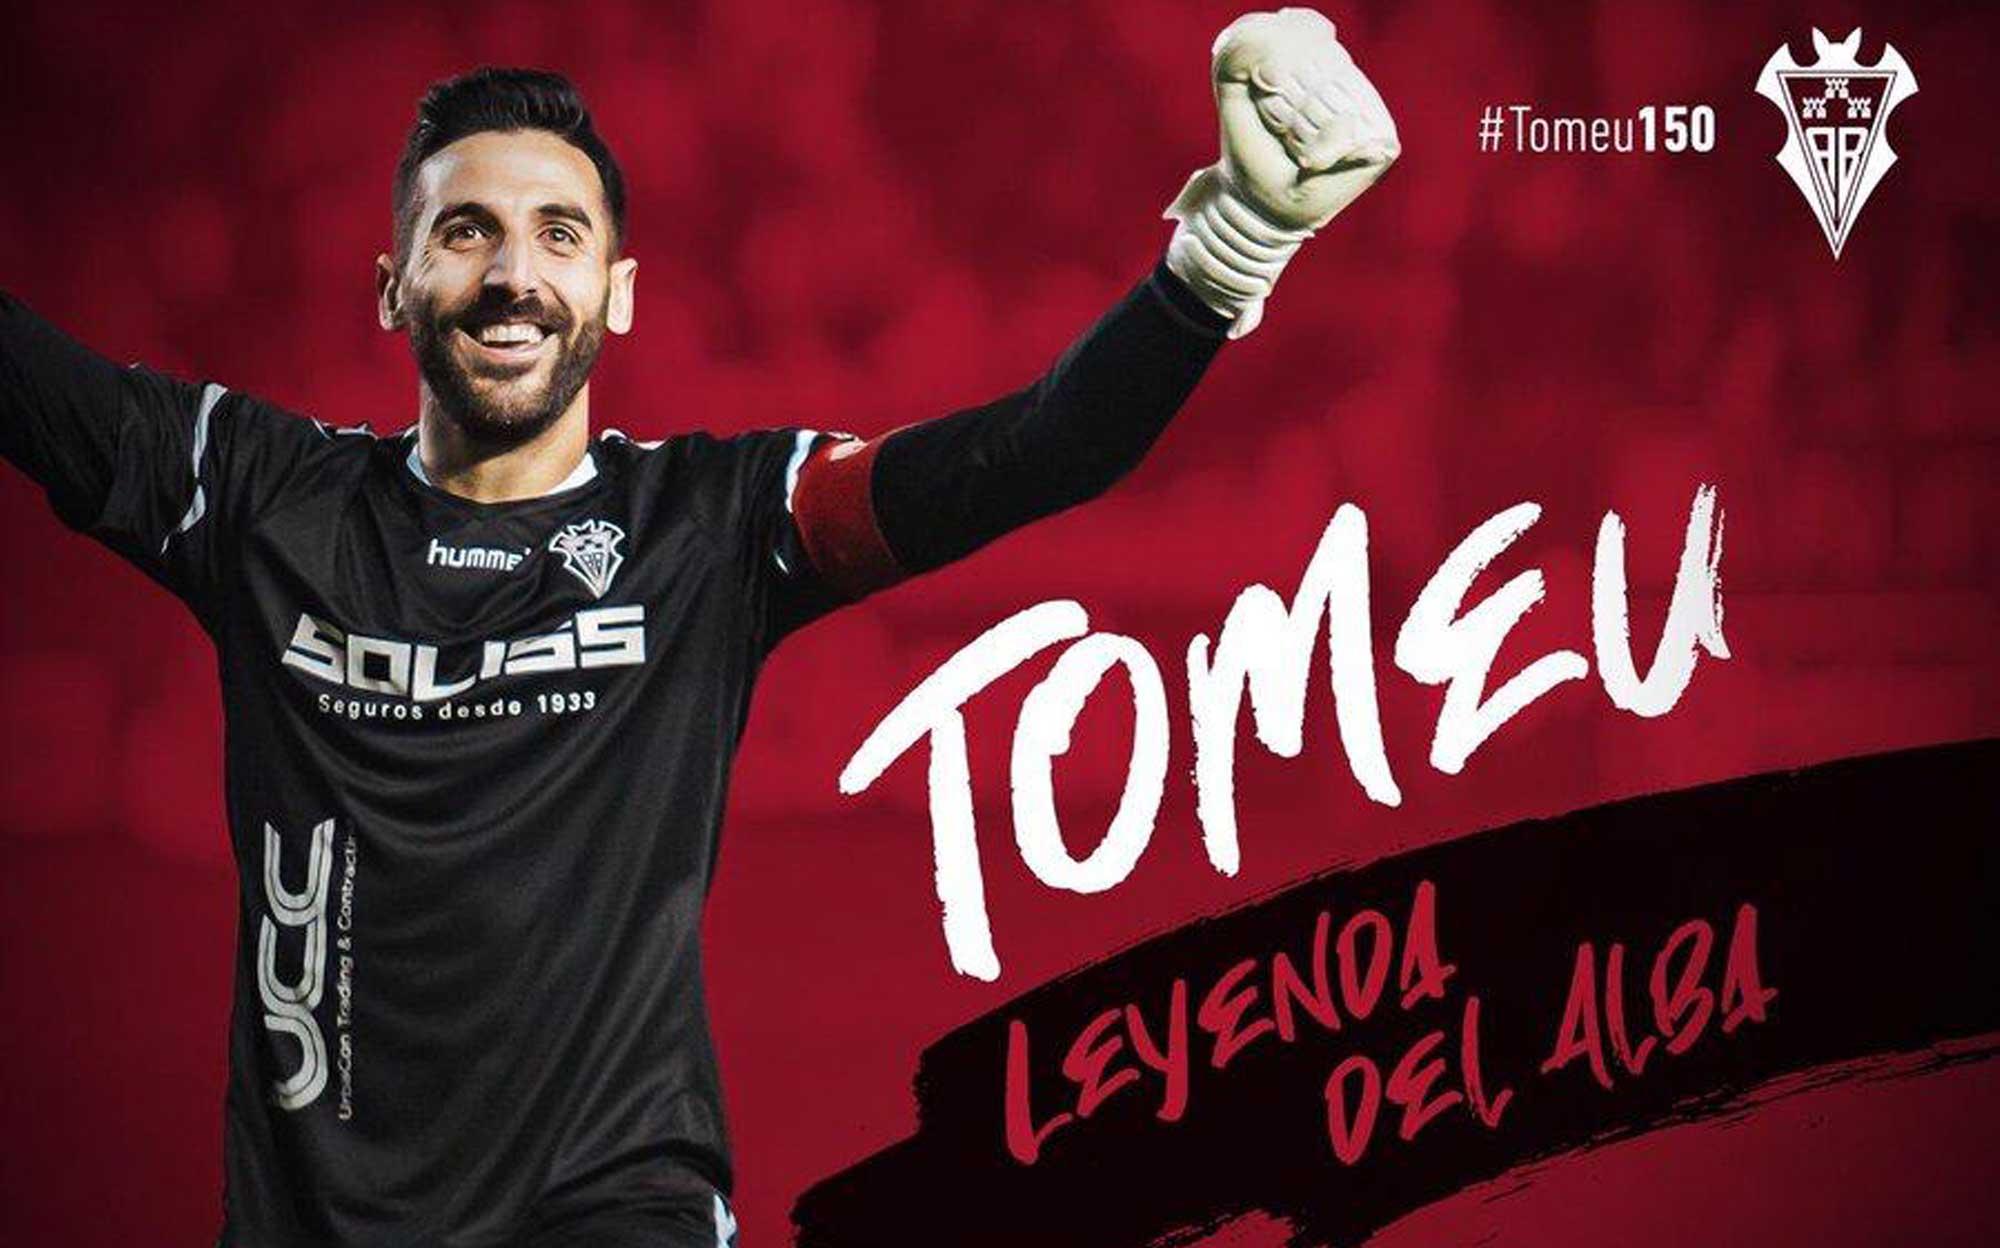 Imagen de Tomeu Nadal, leyenda del Albacete con 150 partidos